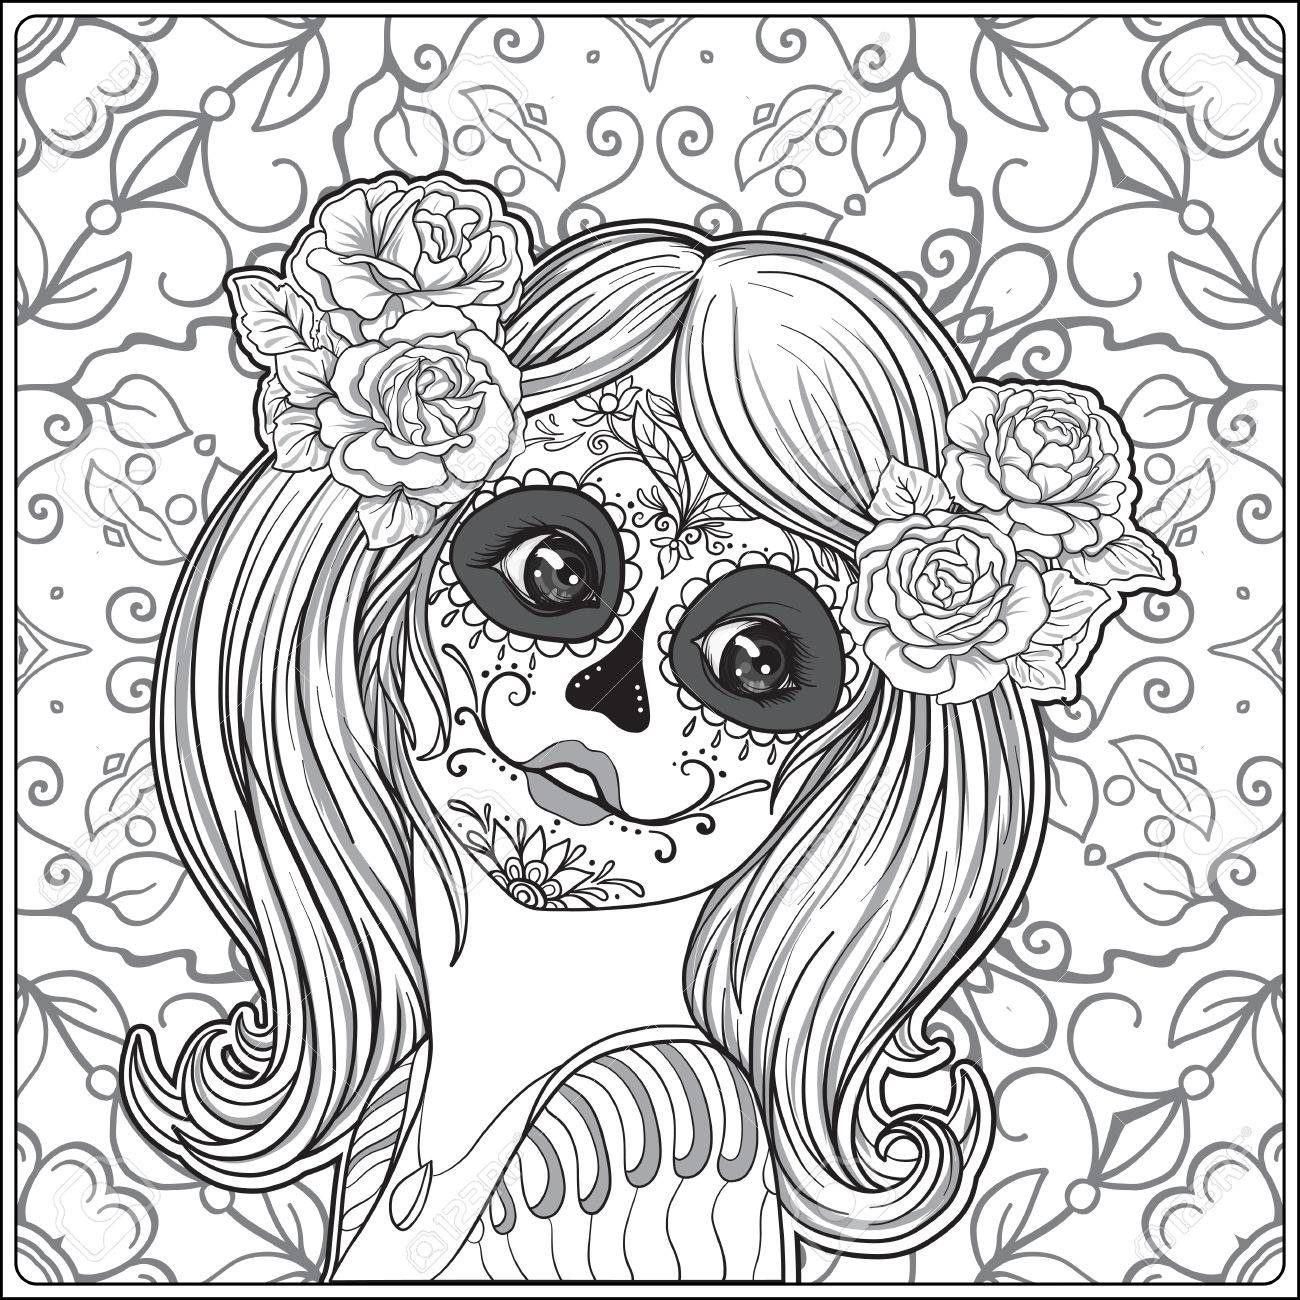 El Retrato De Una Muchacha Hermosa Joven En Halloween O El Día De ...